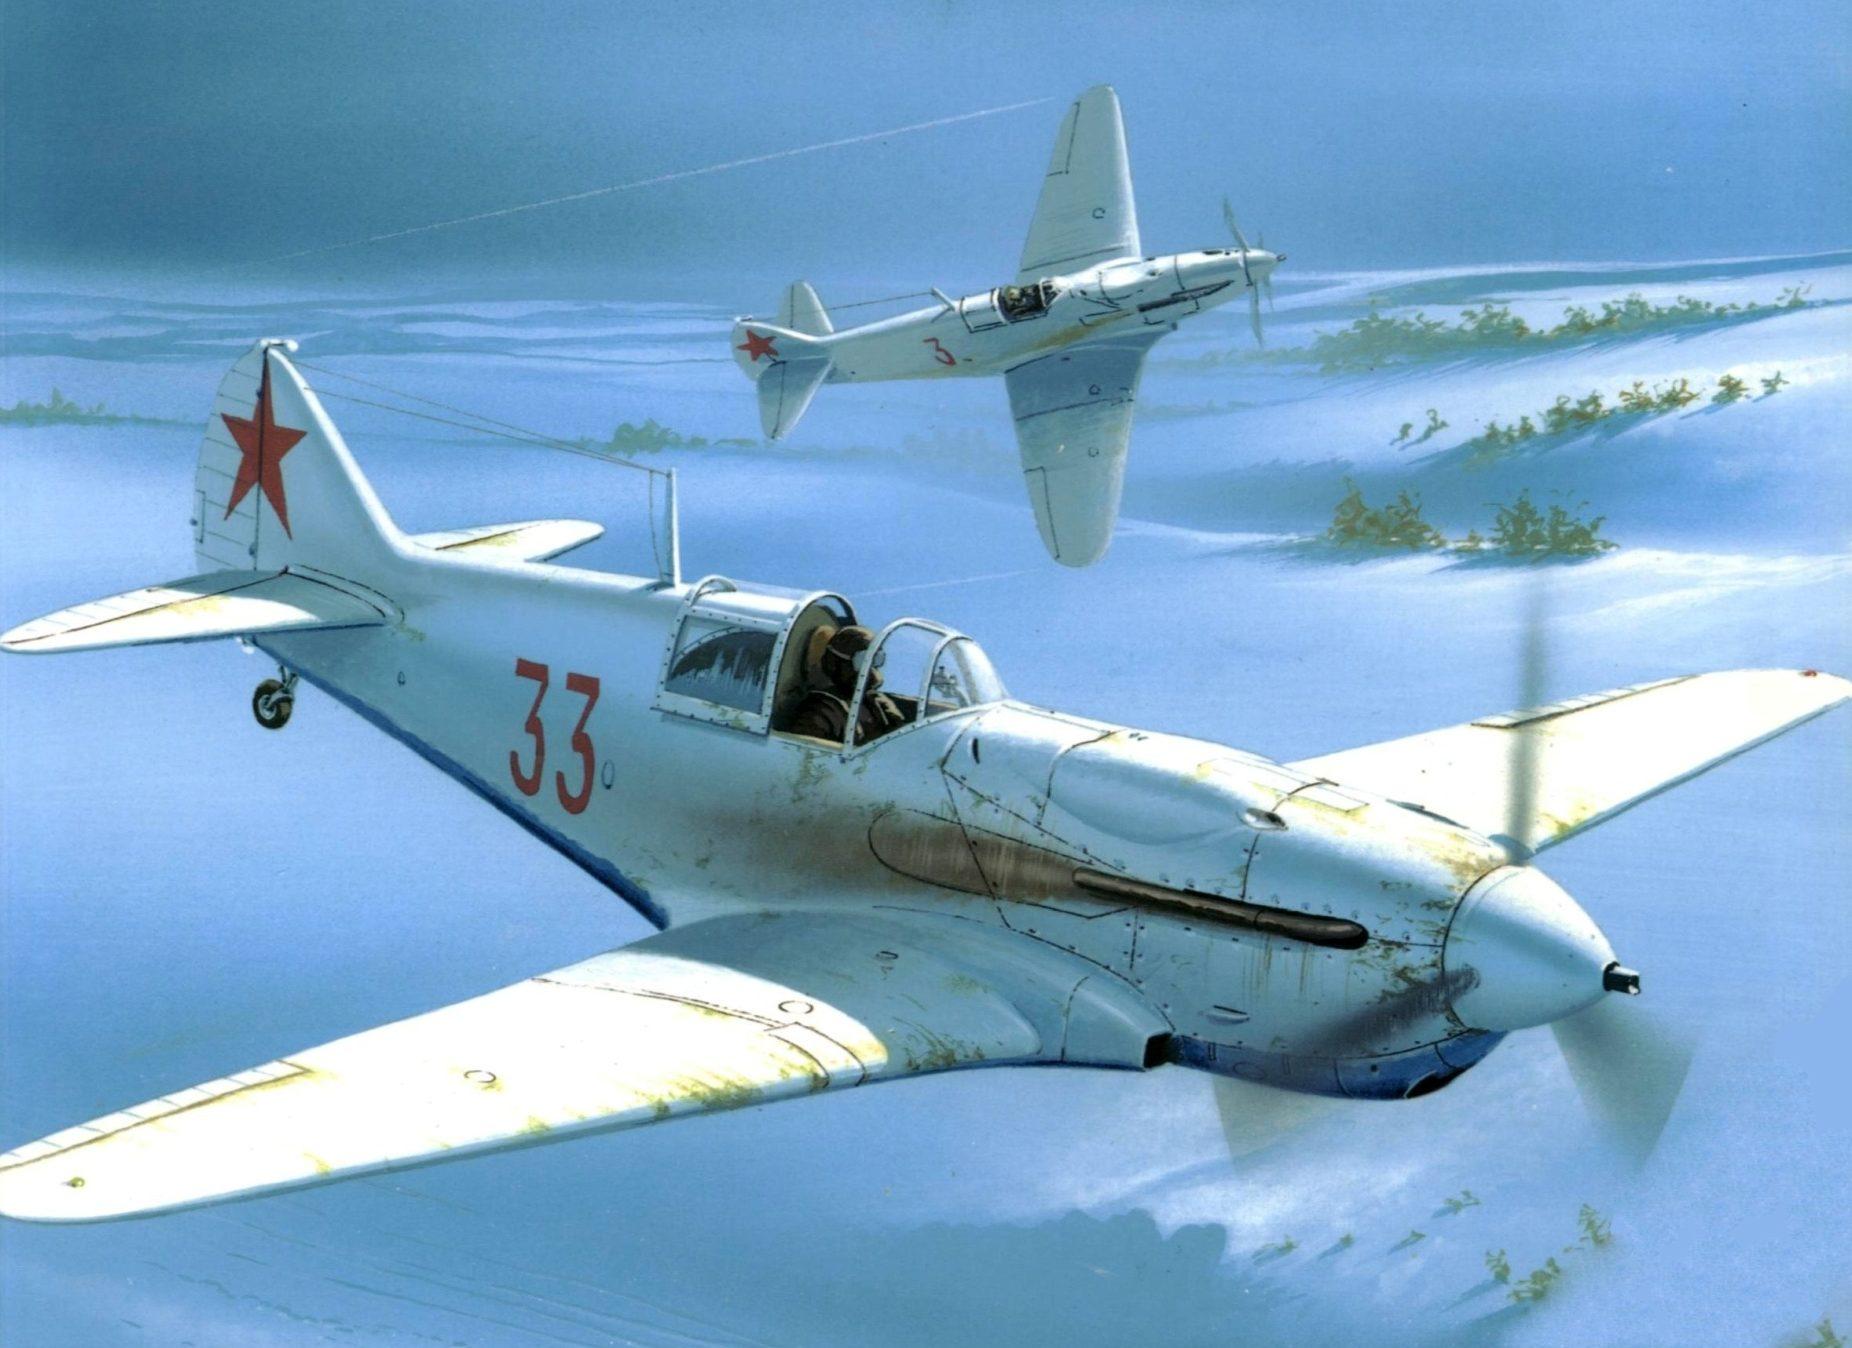 Wróbel Arkadiusz. Истребитель ЛаГГ-3.